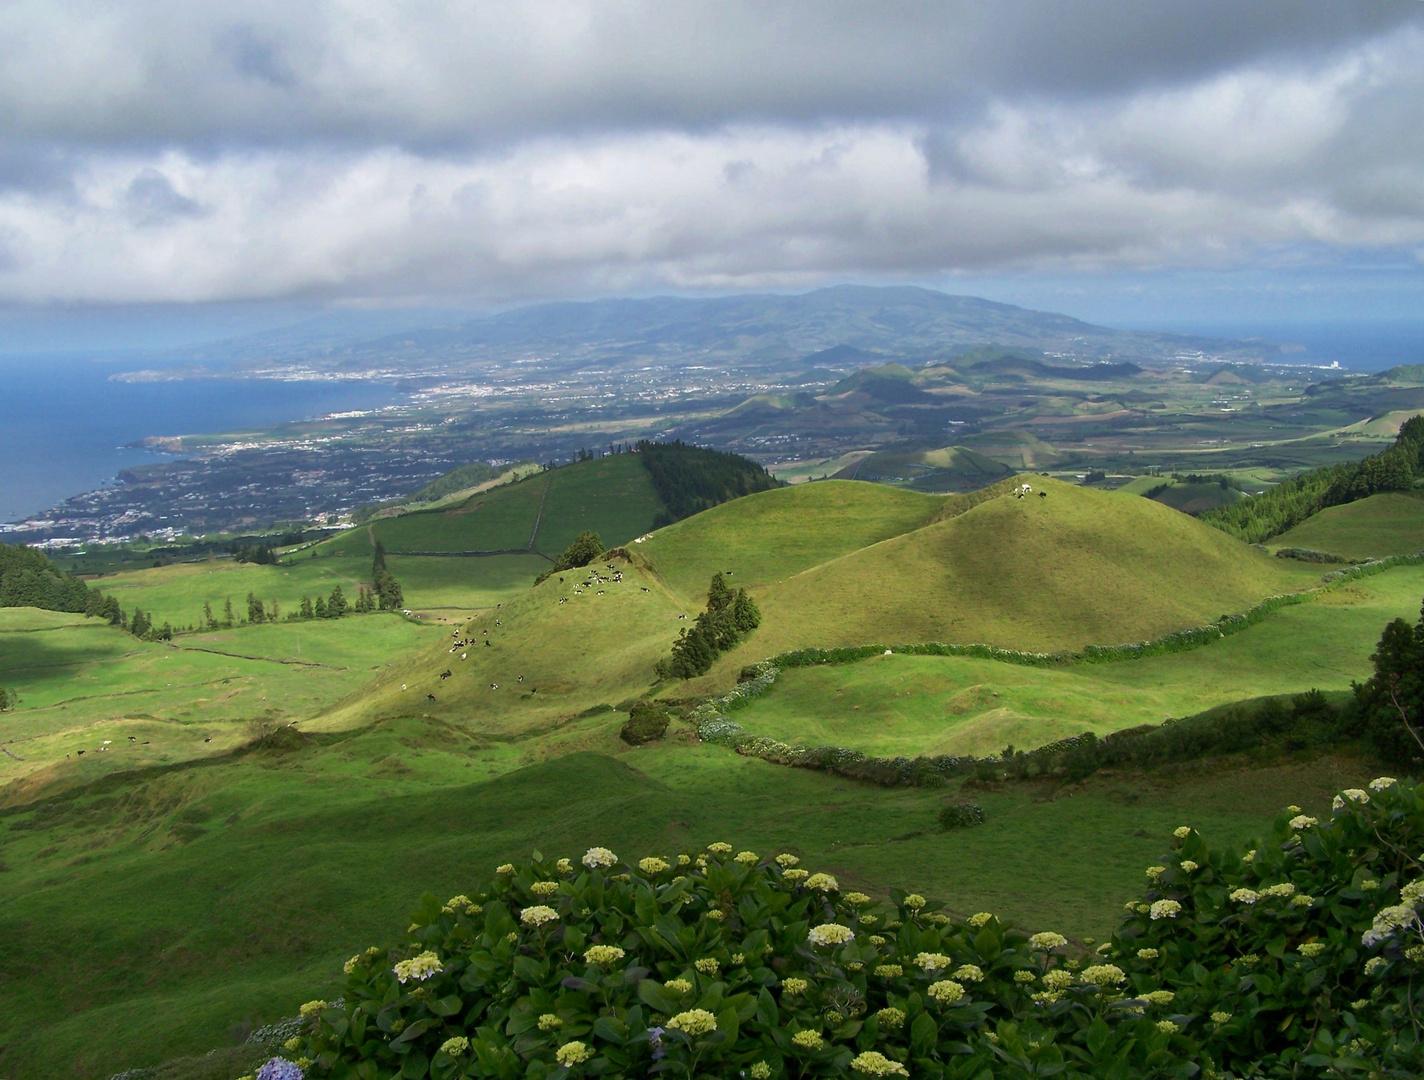 Azorenlandschaft